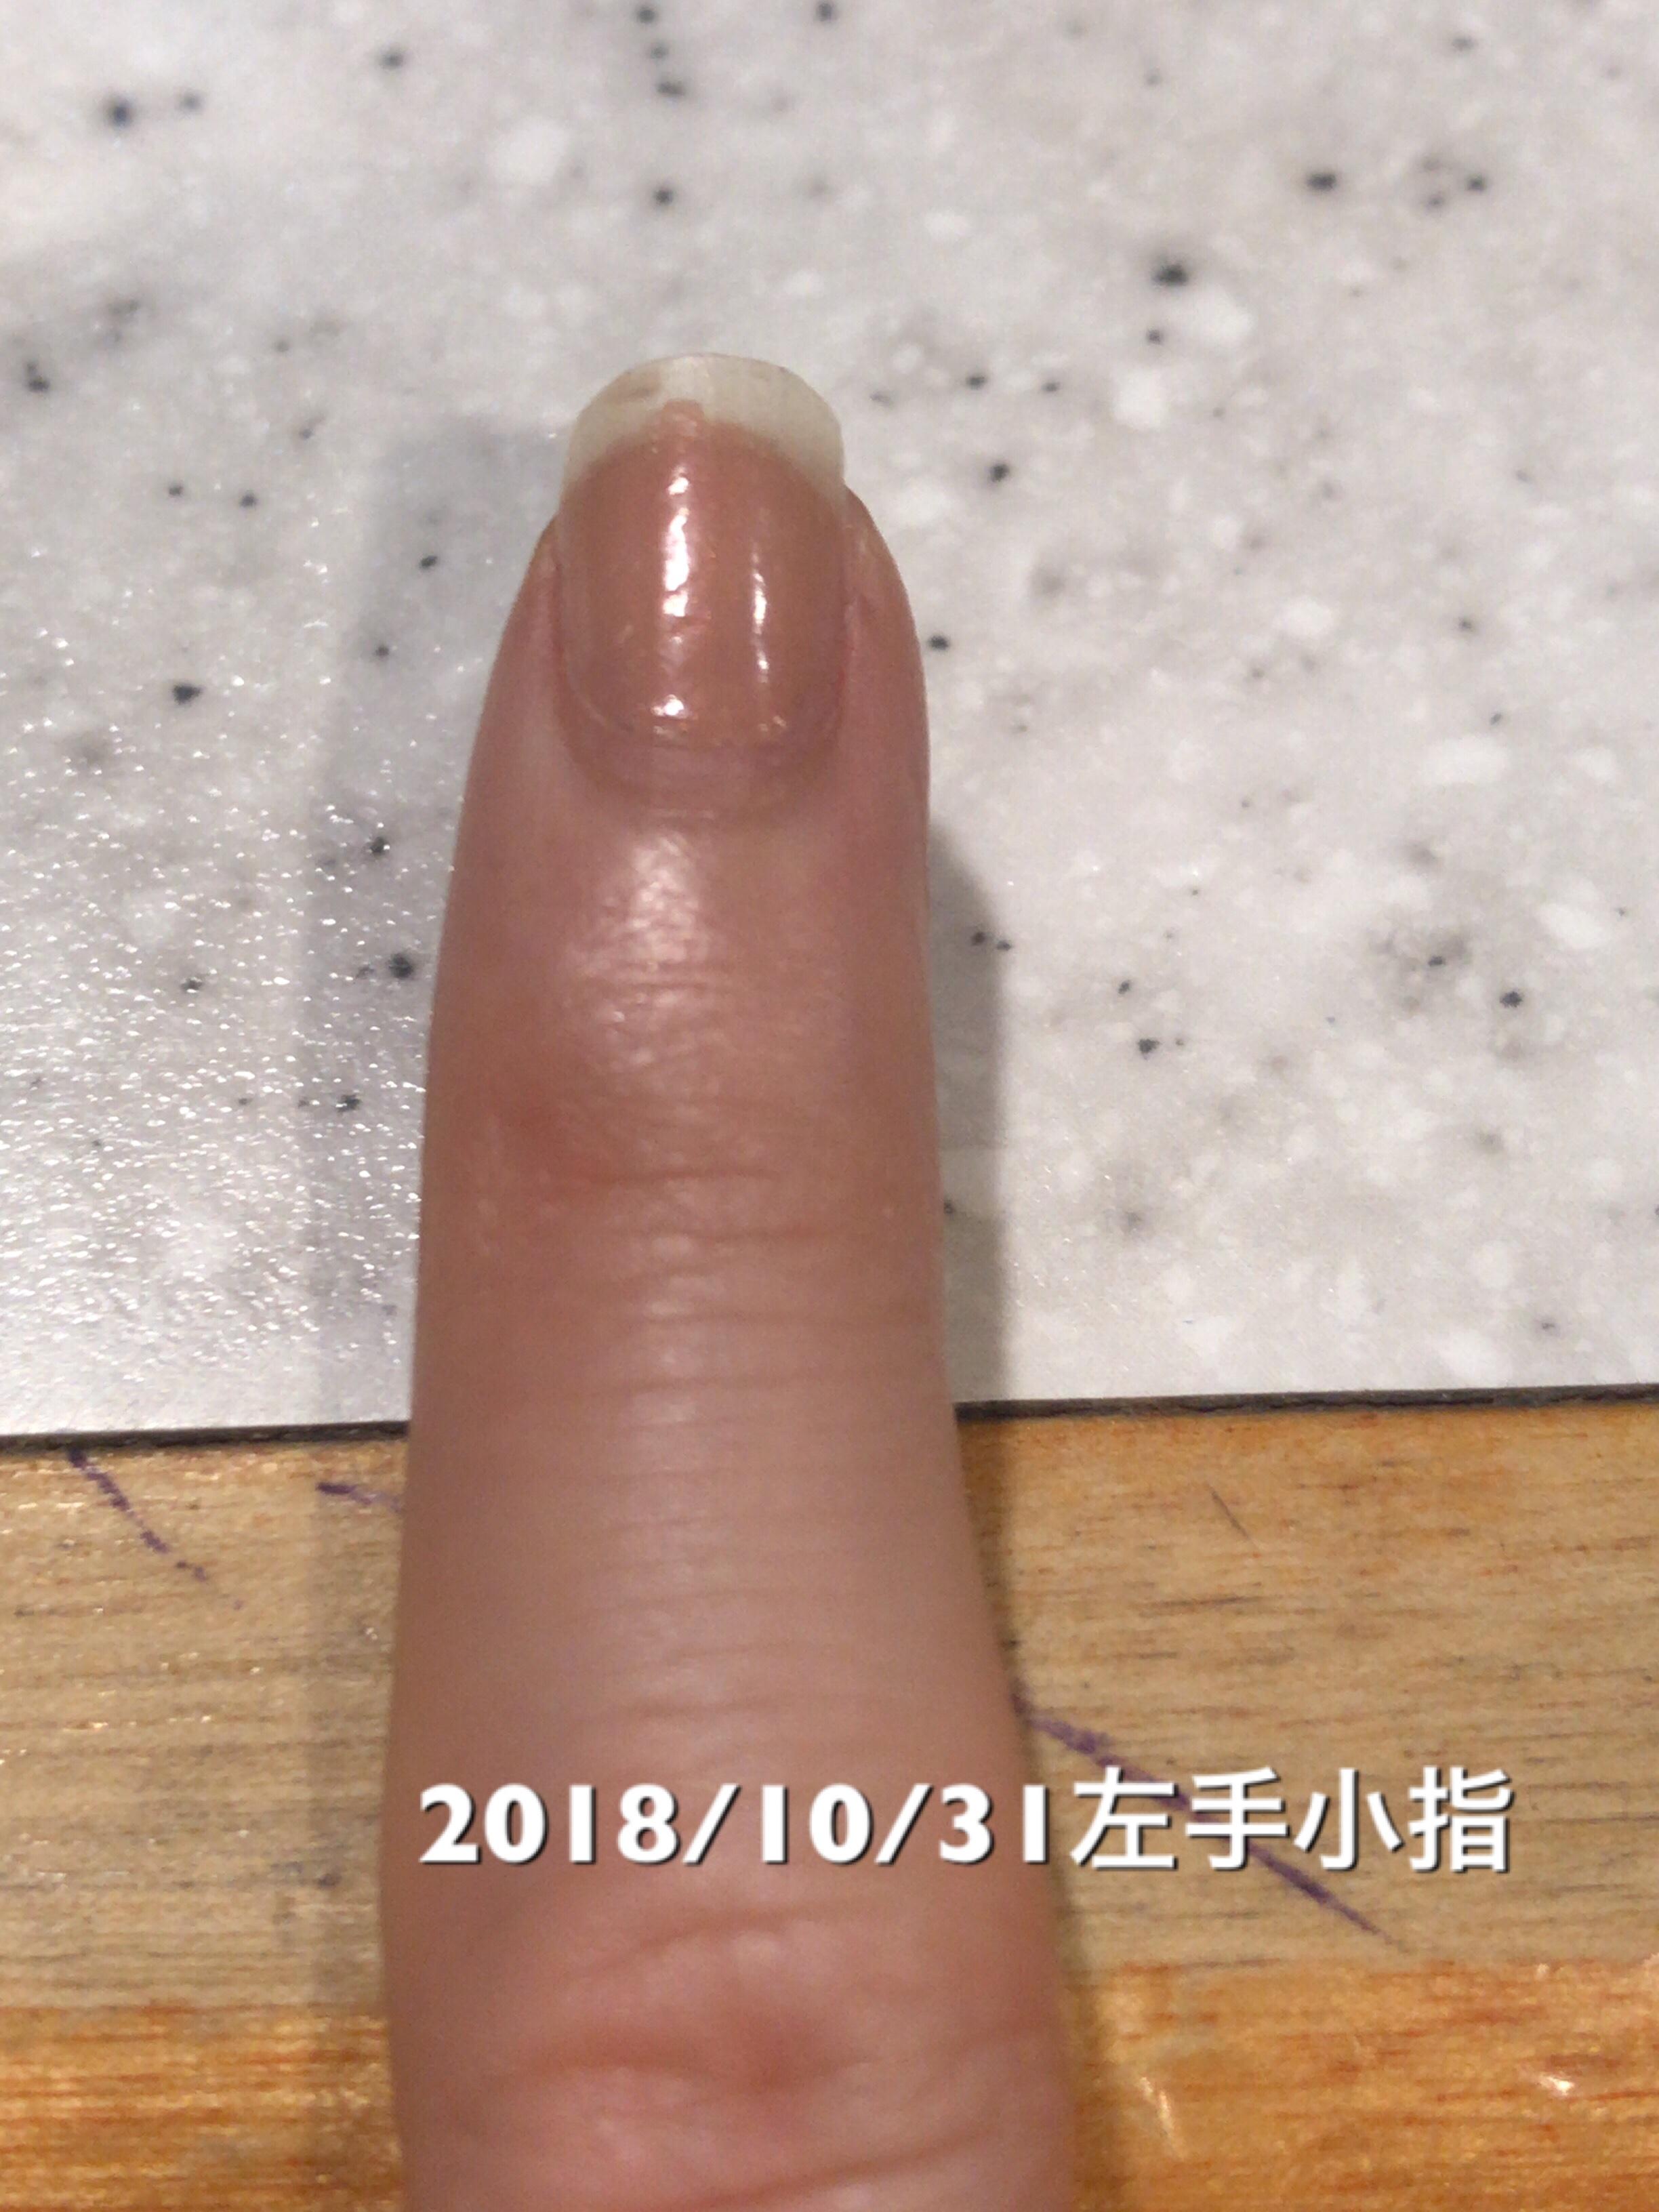 小指は数値面では10日前と変化なしですが、サイドラインがより一層くっきりしてきたと感じます。マニキュアの落とし残しが映ってしまってますが、マニキュアを塗るとほっそりした爪になってちょっと嬉しいです。という写真